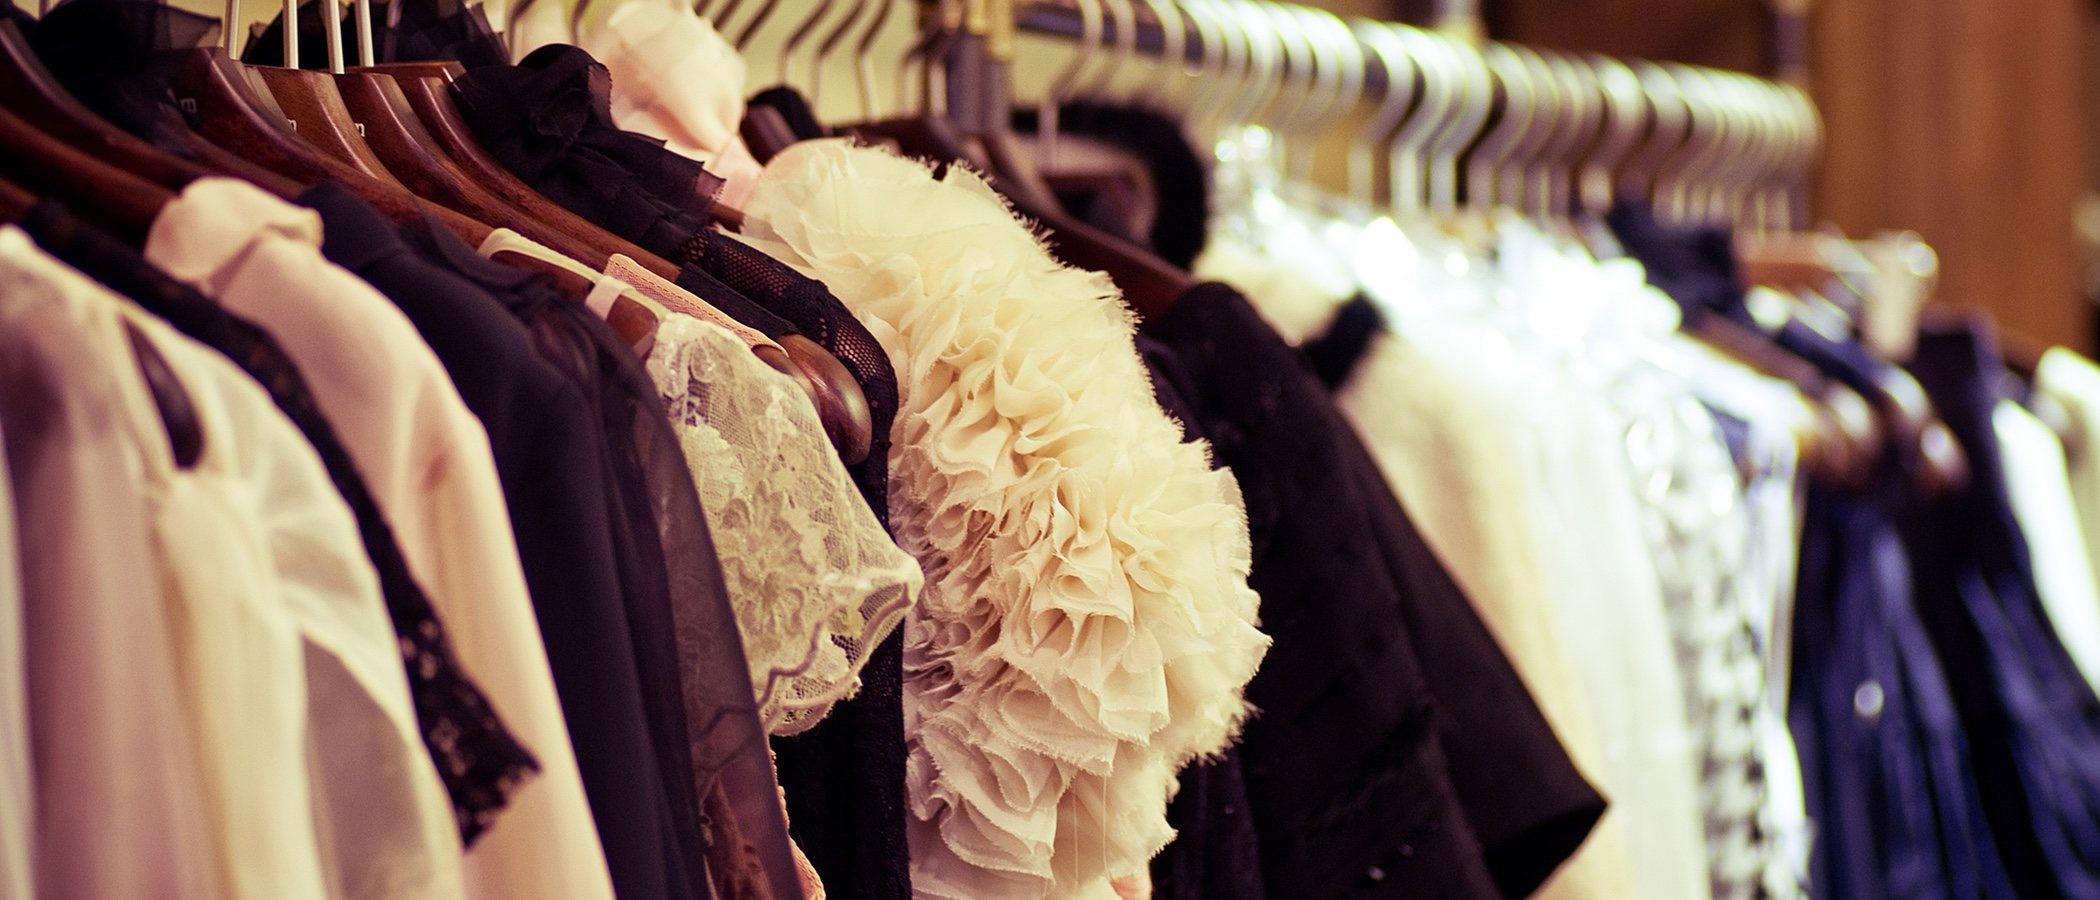 Mezclar tejidos: guía para acertar